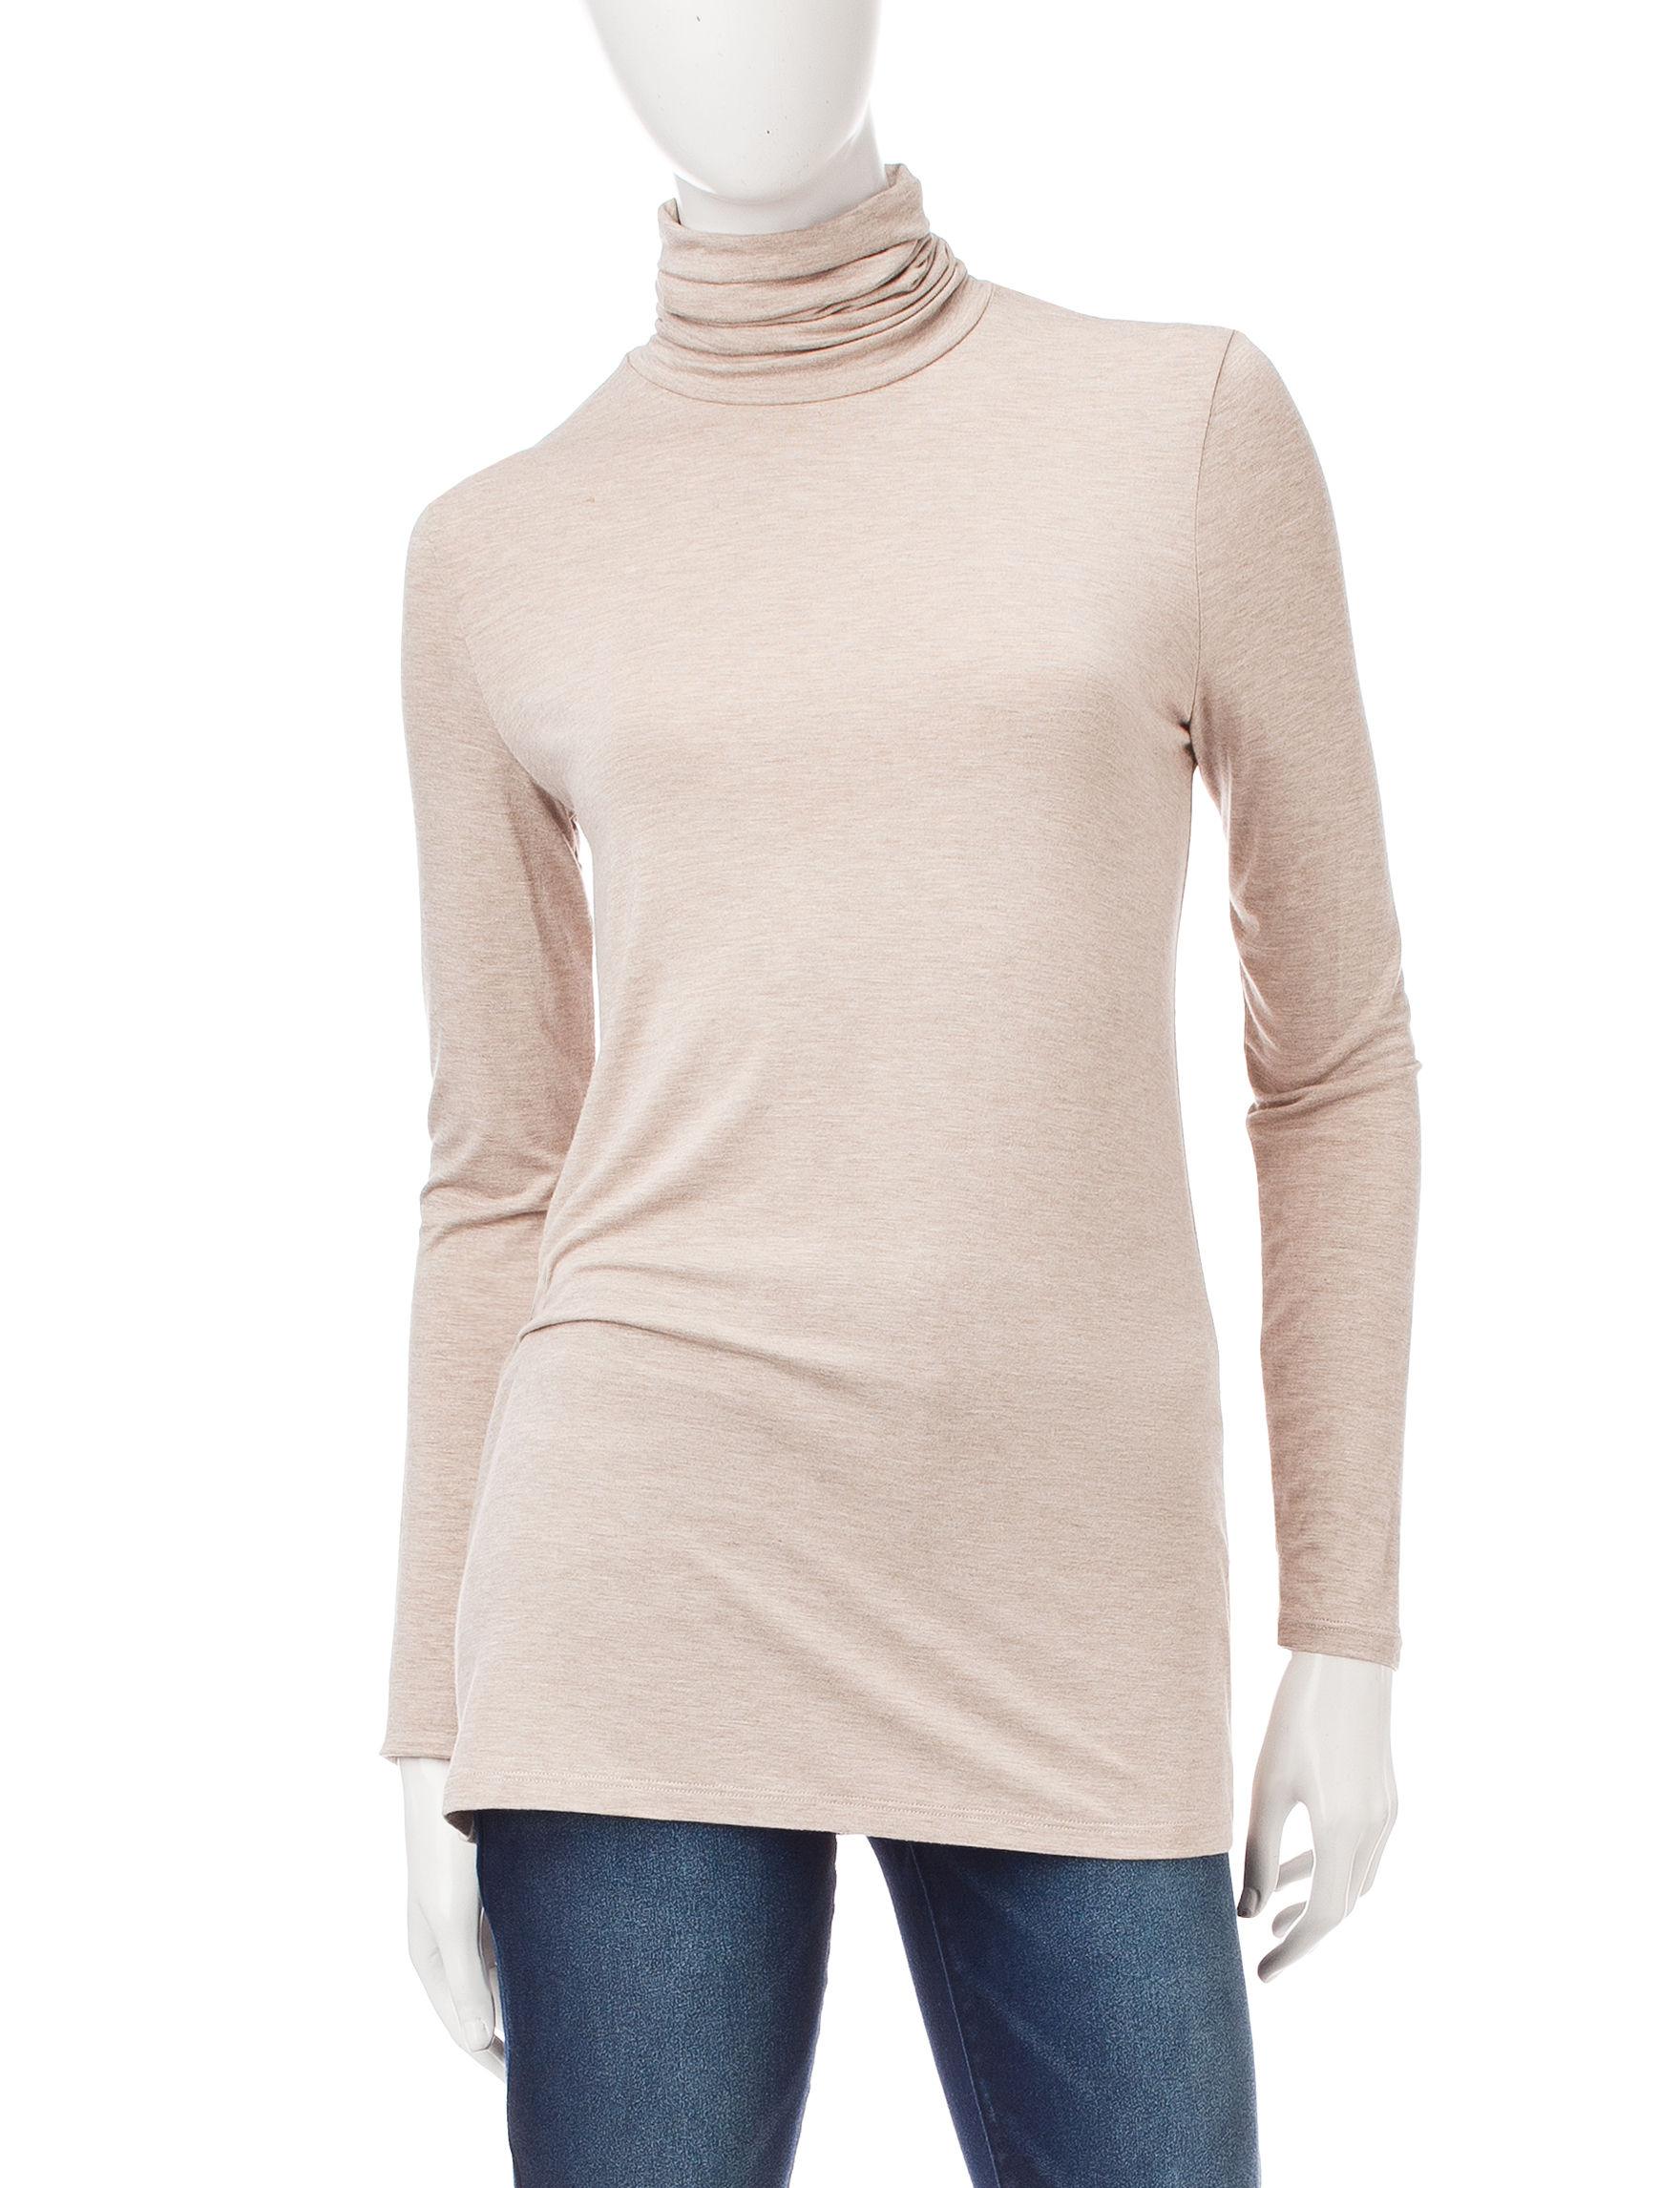 Kensie Beige Pull-overs Sweaters